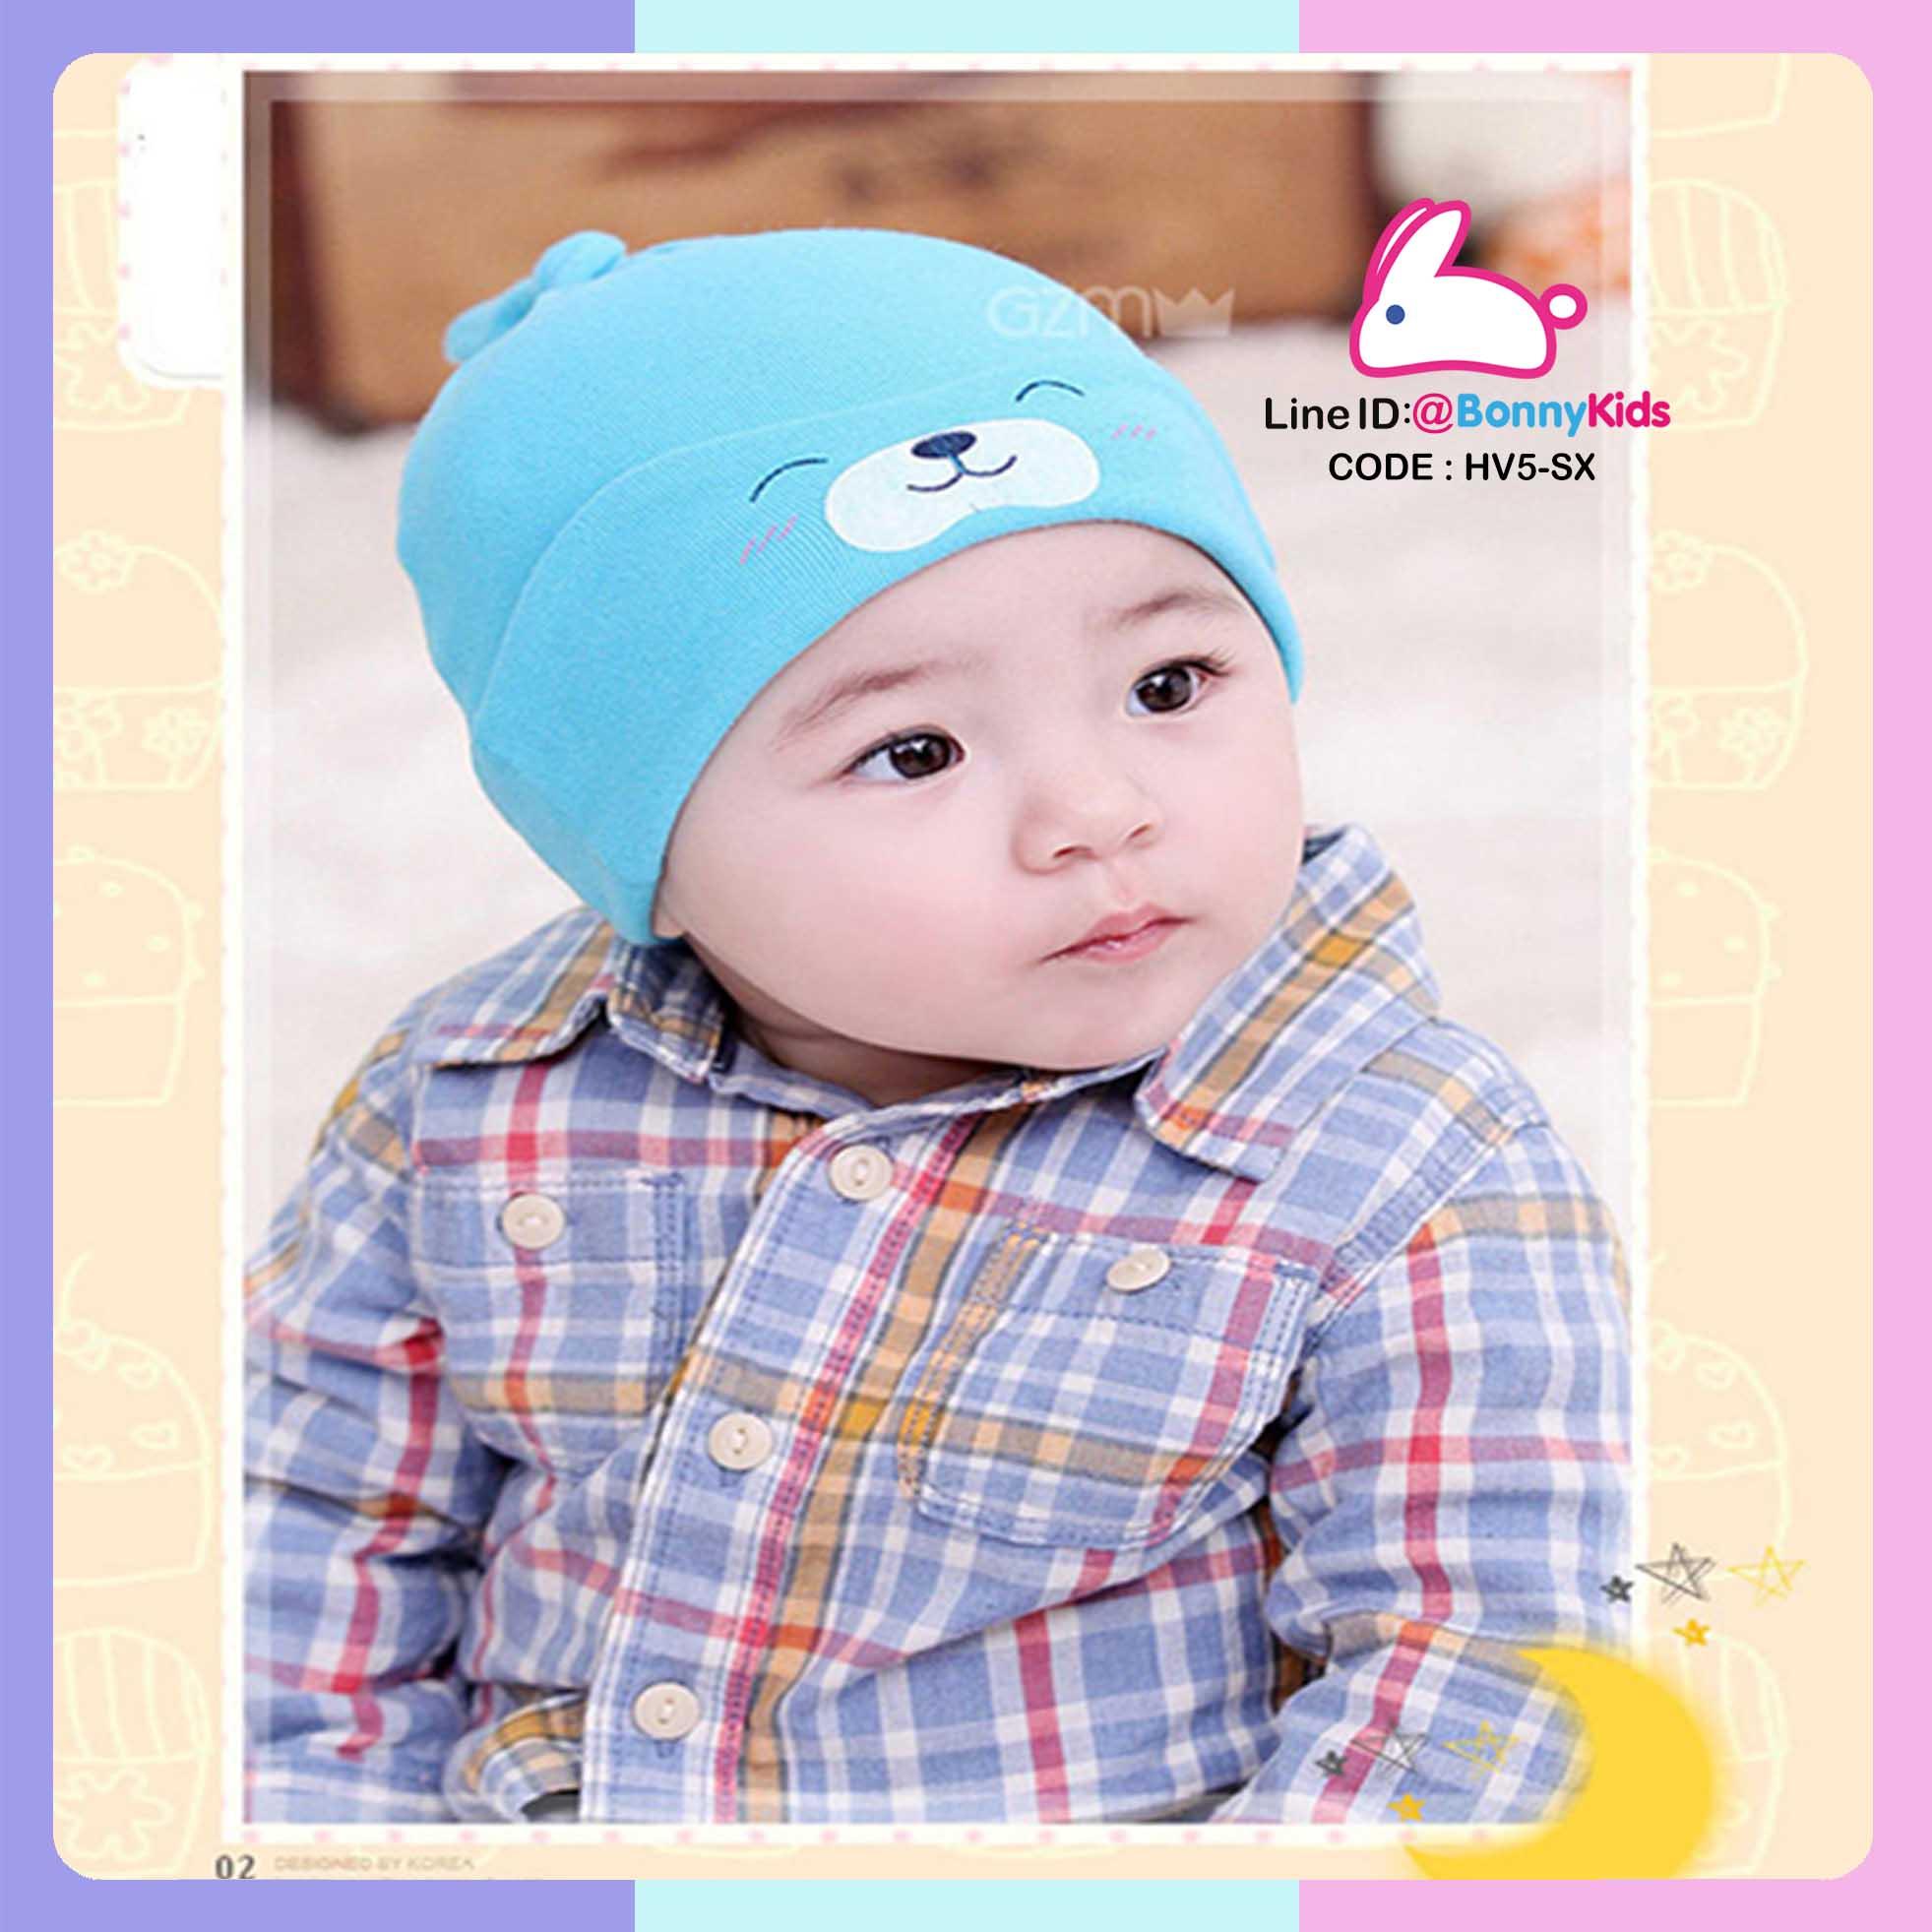 หมวกหูยาว หน้าหมี สีฟ้า